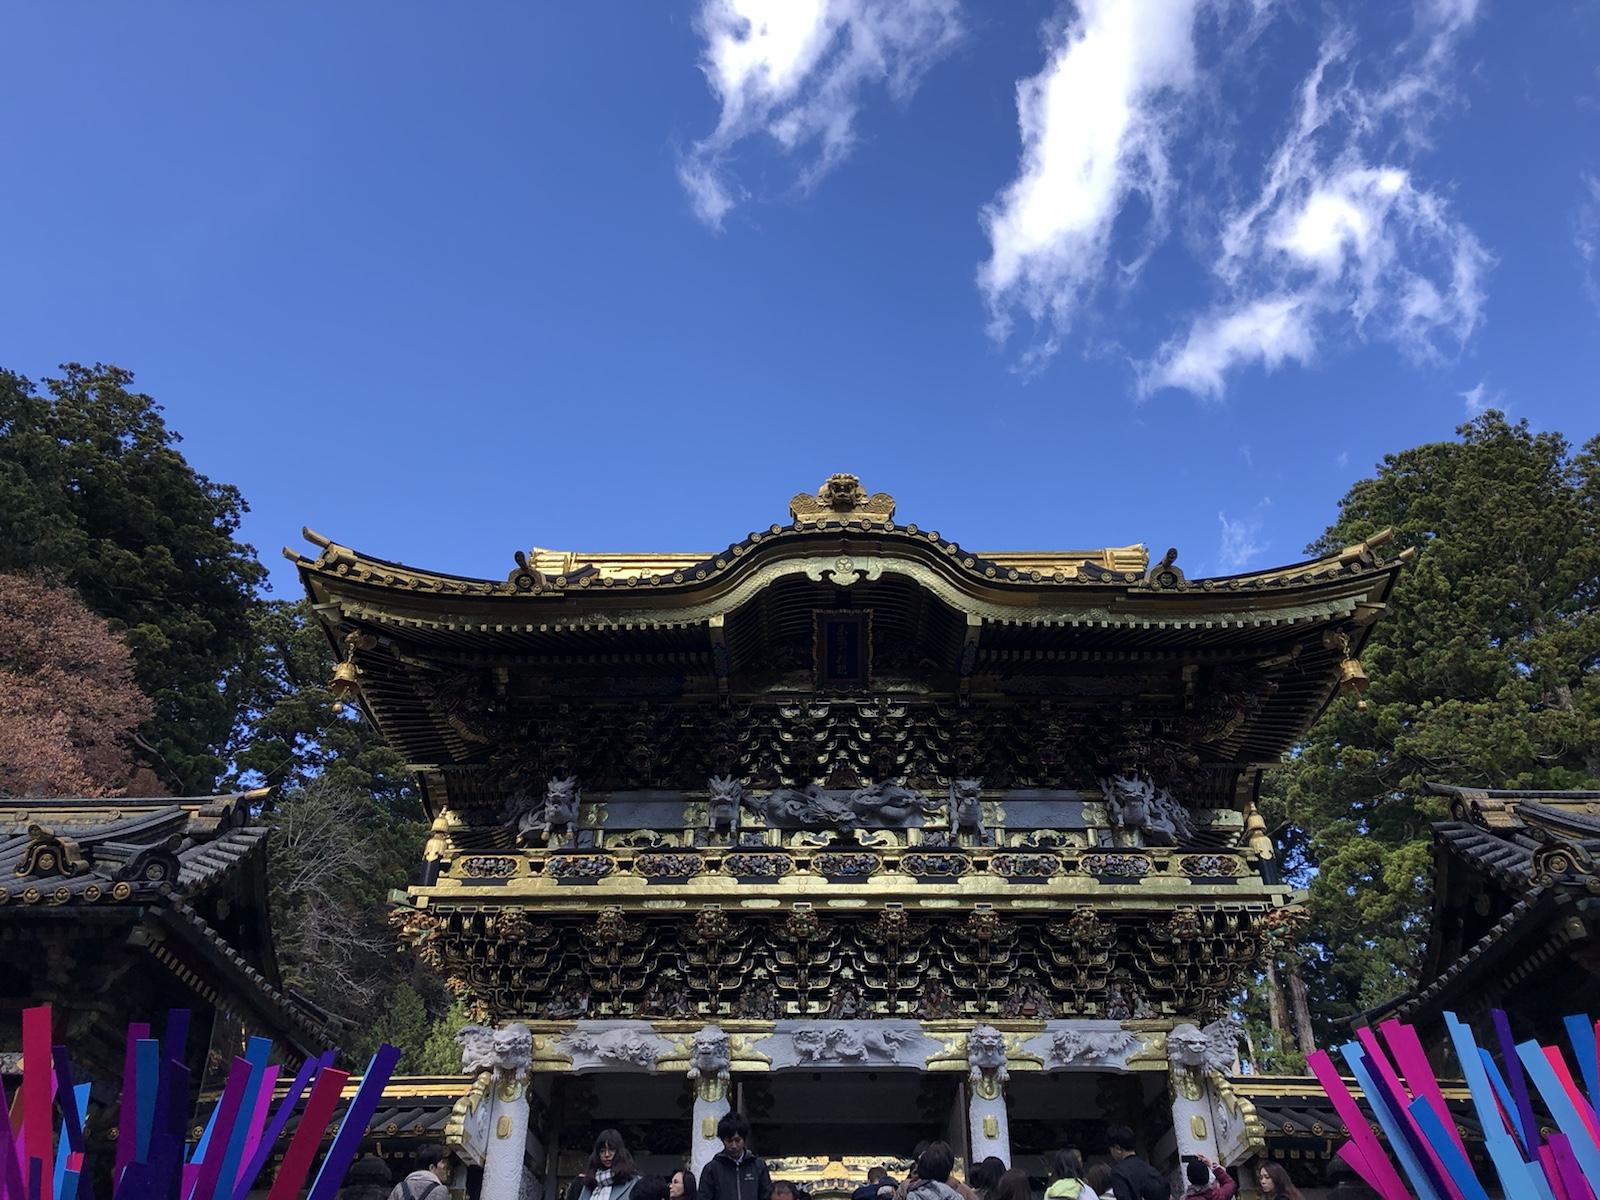 世界遺産「日光の社寺」!三猿・眠り猫・家康墓所、日光東照宮をぶら歩き